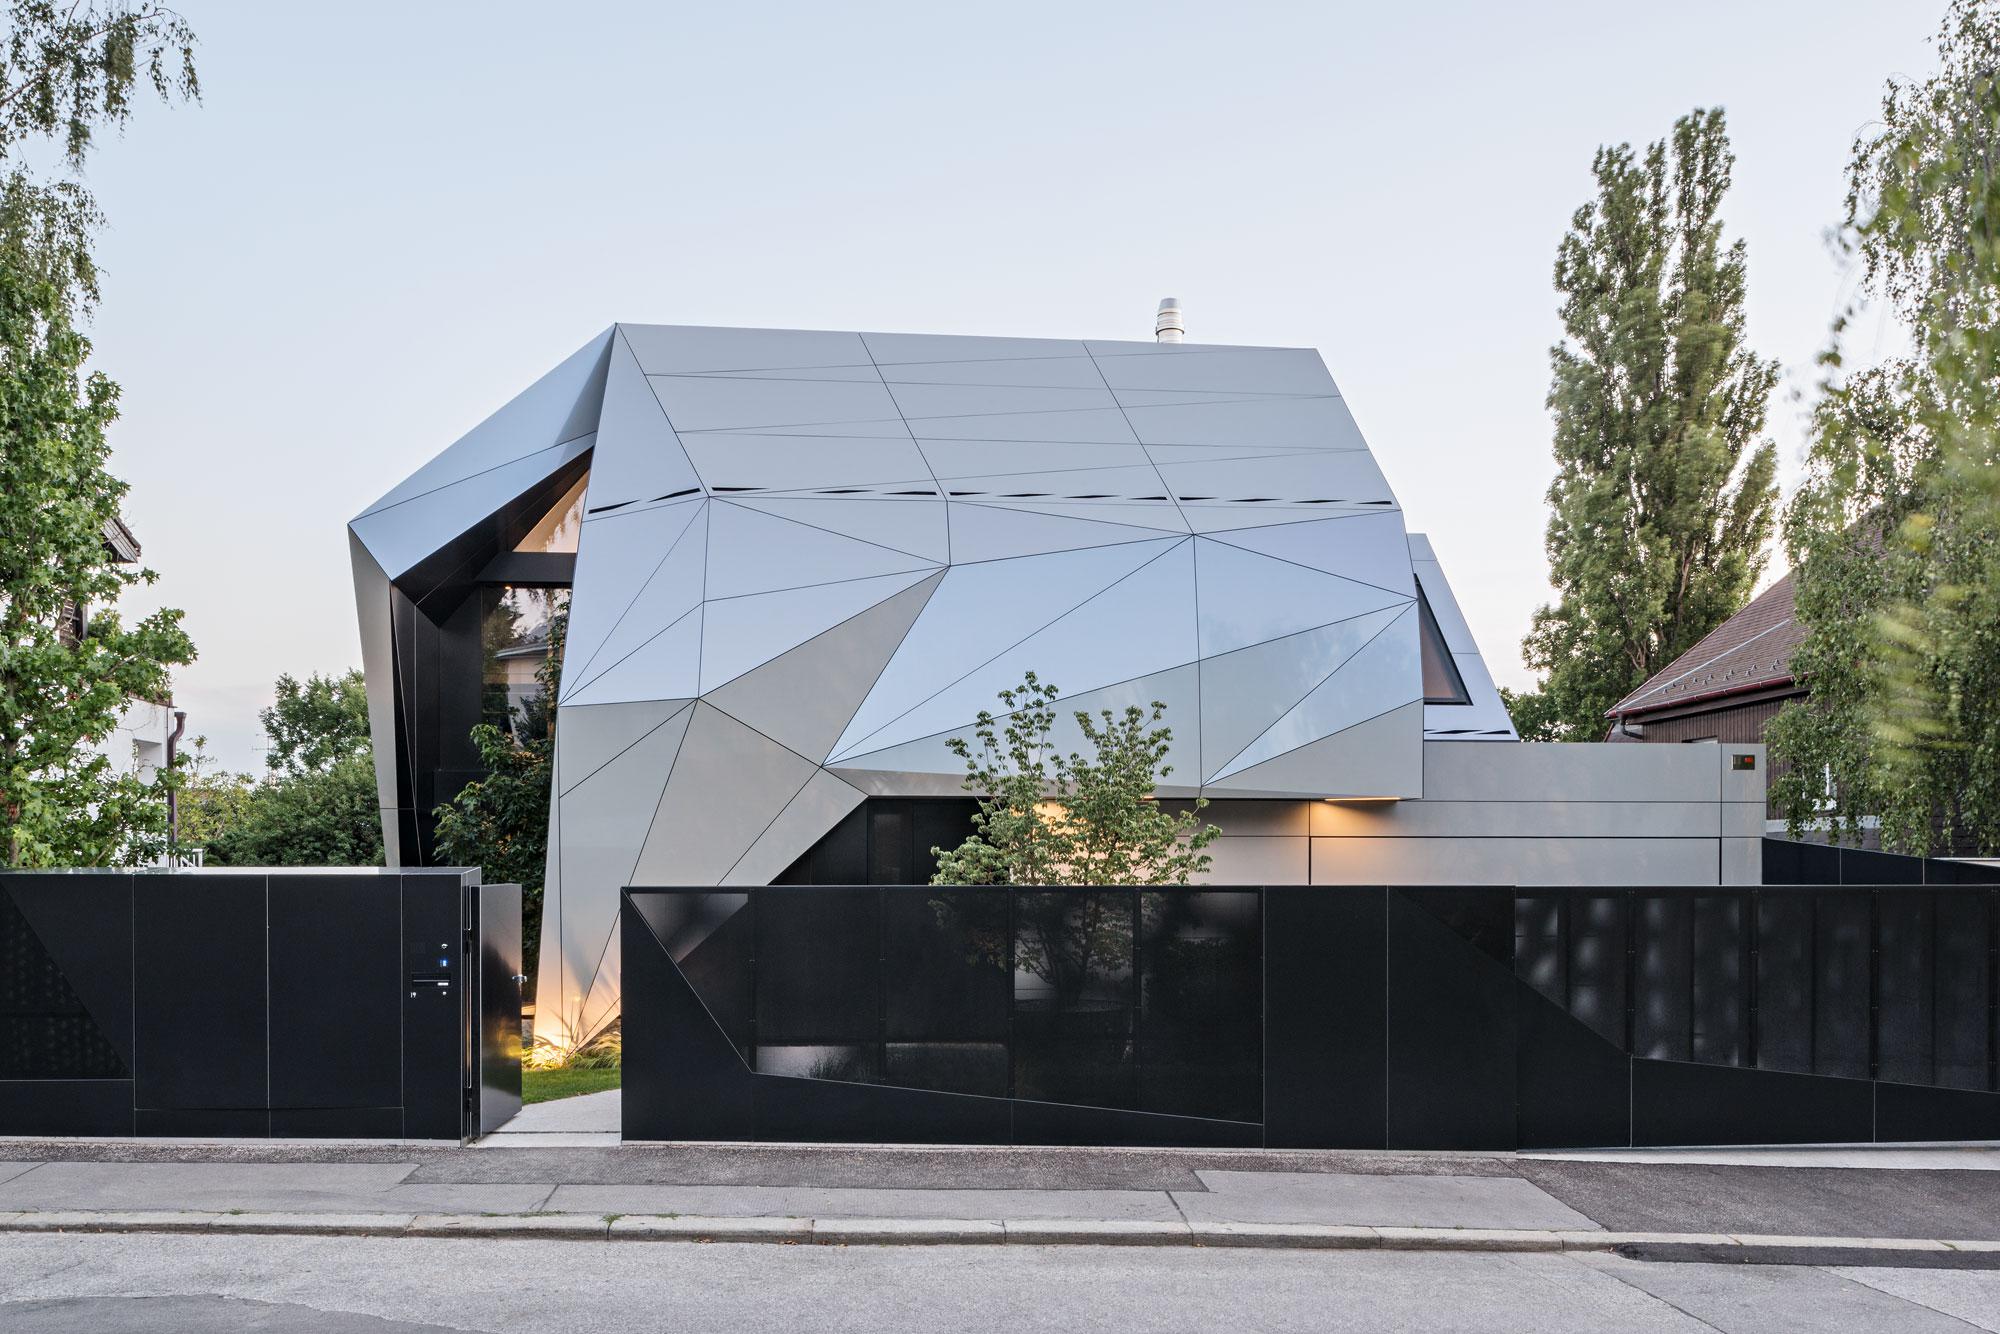 CoMED, ad2 architekten, Vienna, Austria, Alucobond Spectra Galaxy Blue, Hertha Hurnaus Photography